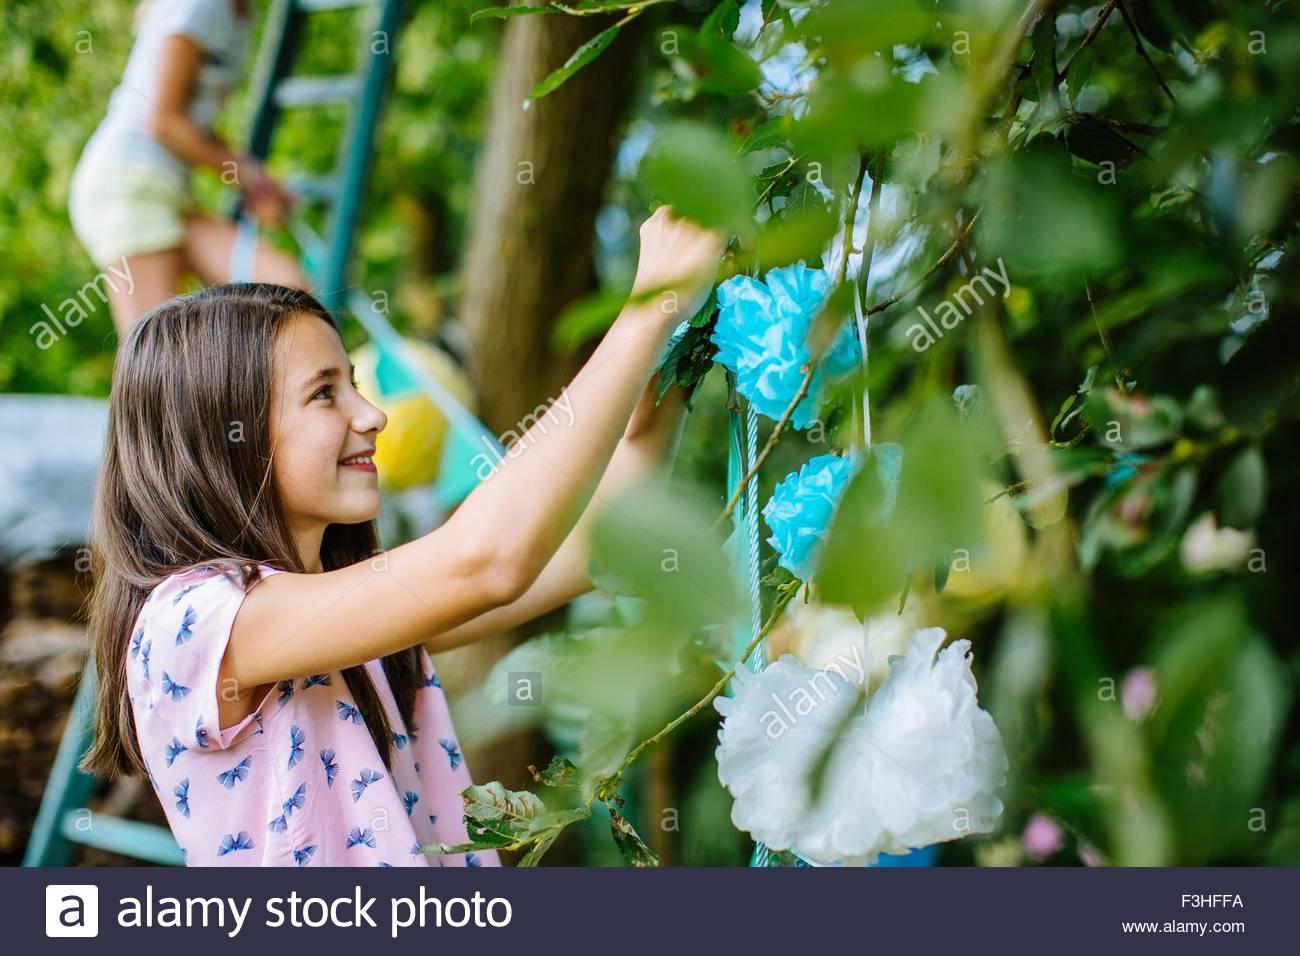 Ragazza giardino decorazione per la festa estiva Immagini Stock